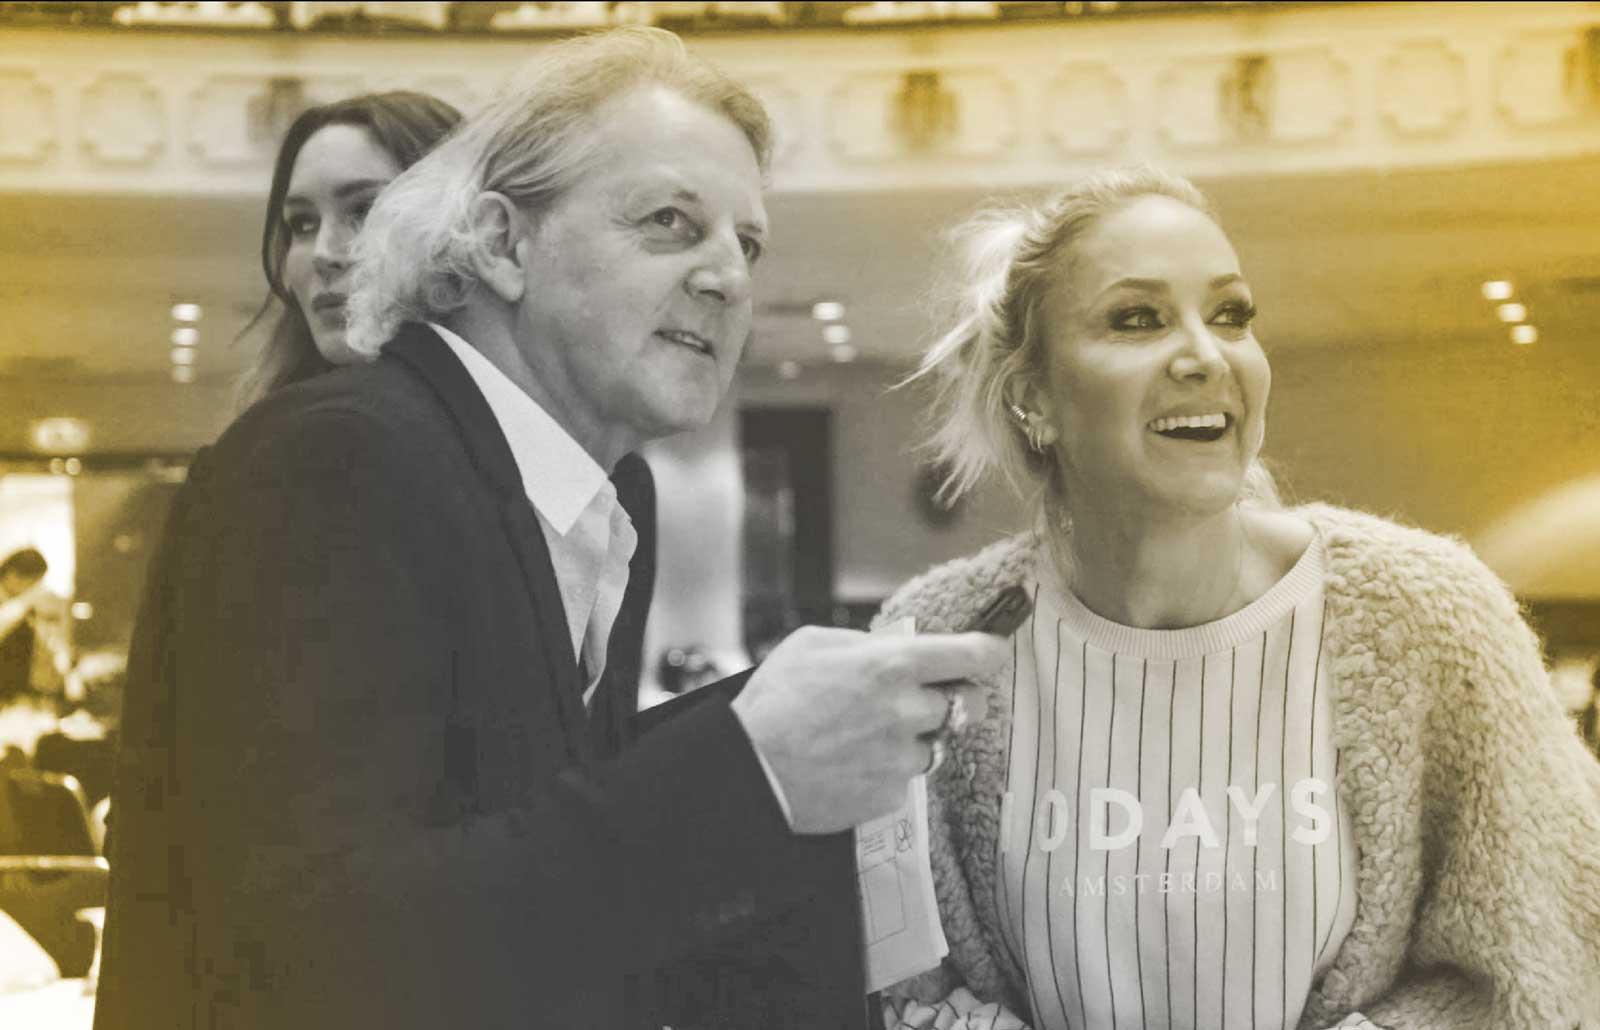 Thorsten Scheller Janine Kunze Event Blond Marketing